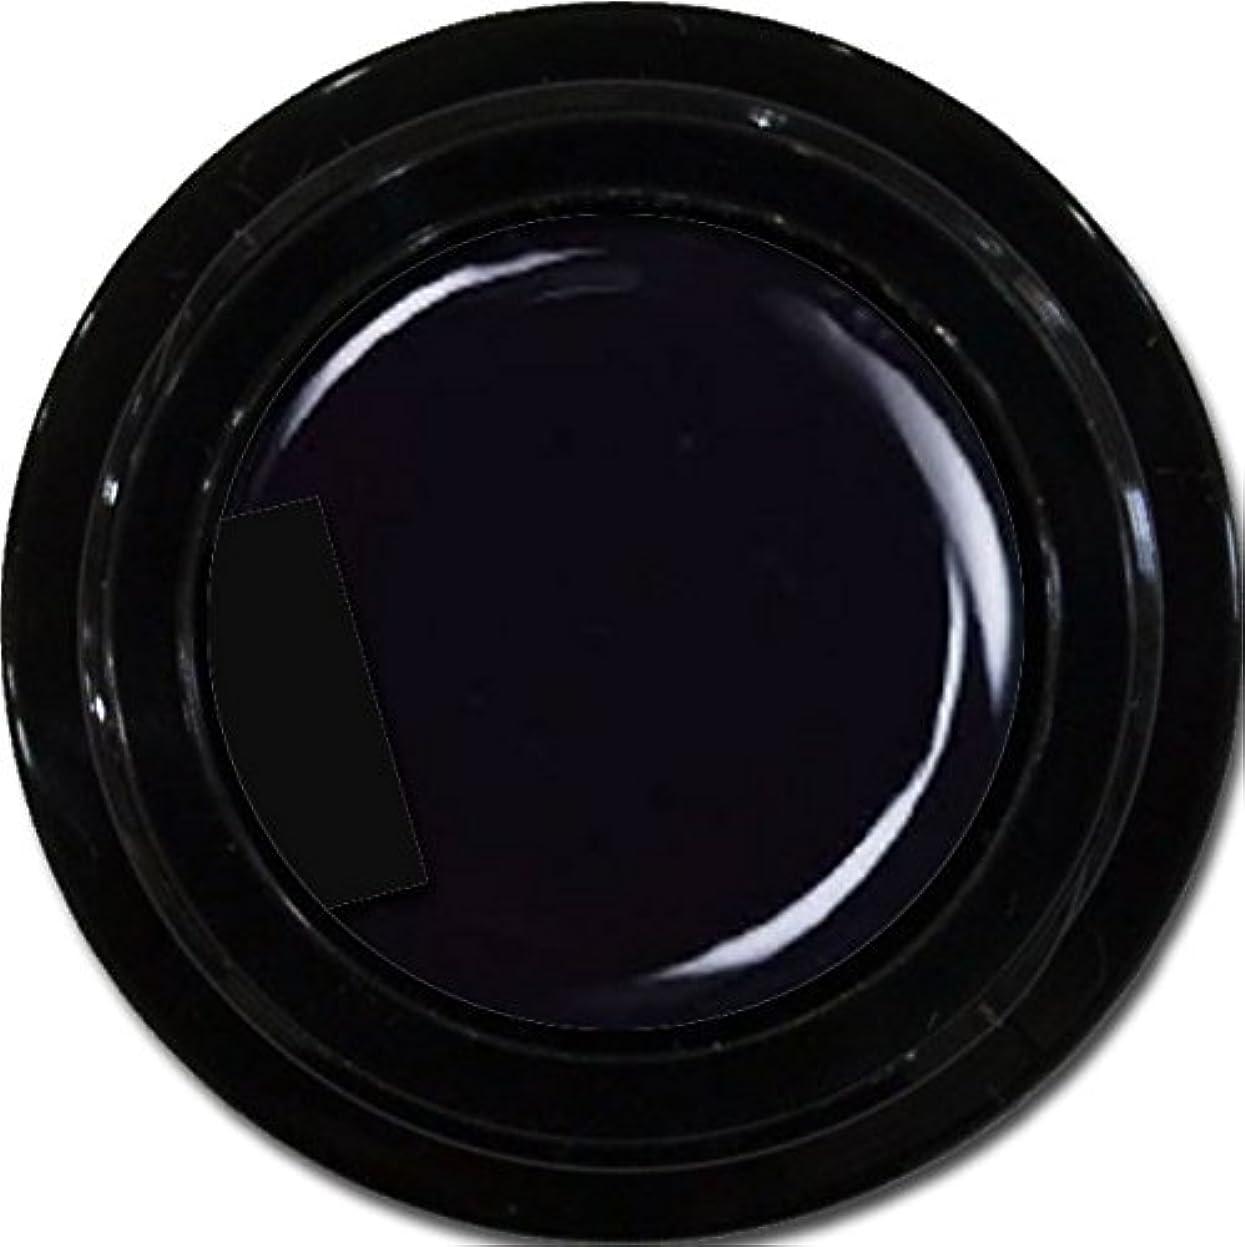 解明する明示的にヘルパーカラージェル enchant color gel M901 Extreme Black 3g/マットカラージェル M901 エクストリームブラック 3グラム